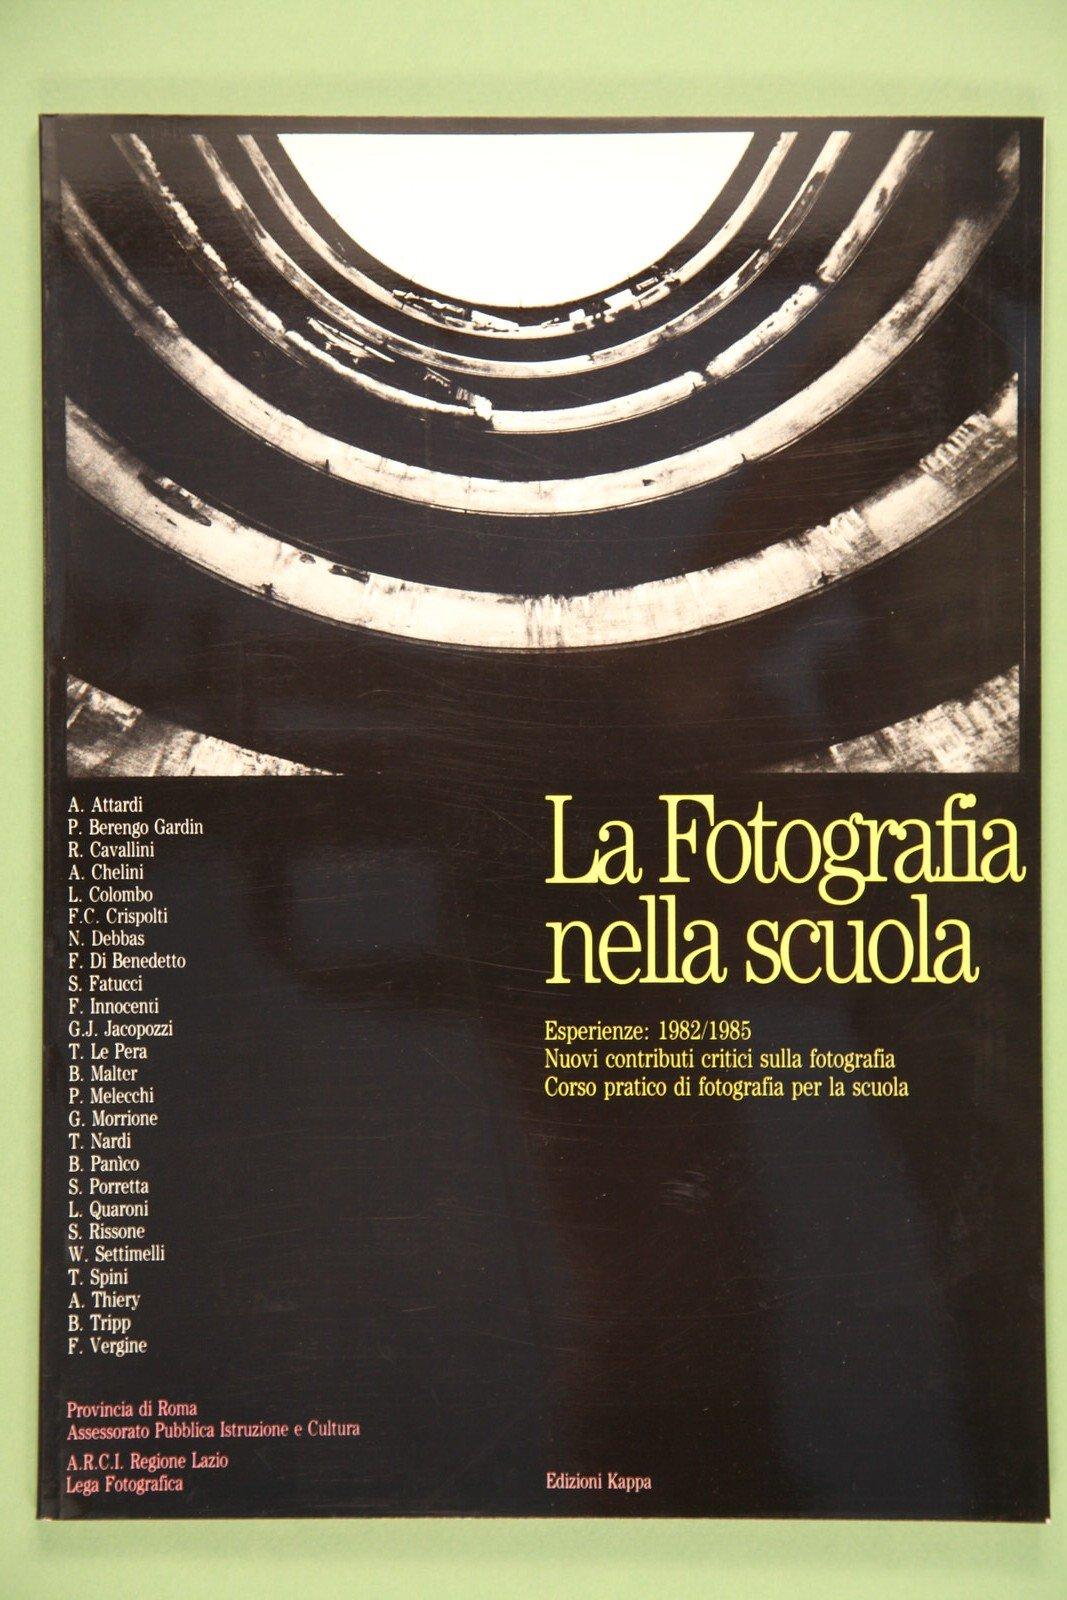 Copertina del libro Fotografia nella scuola